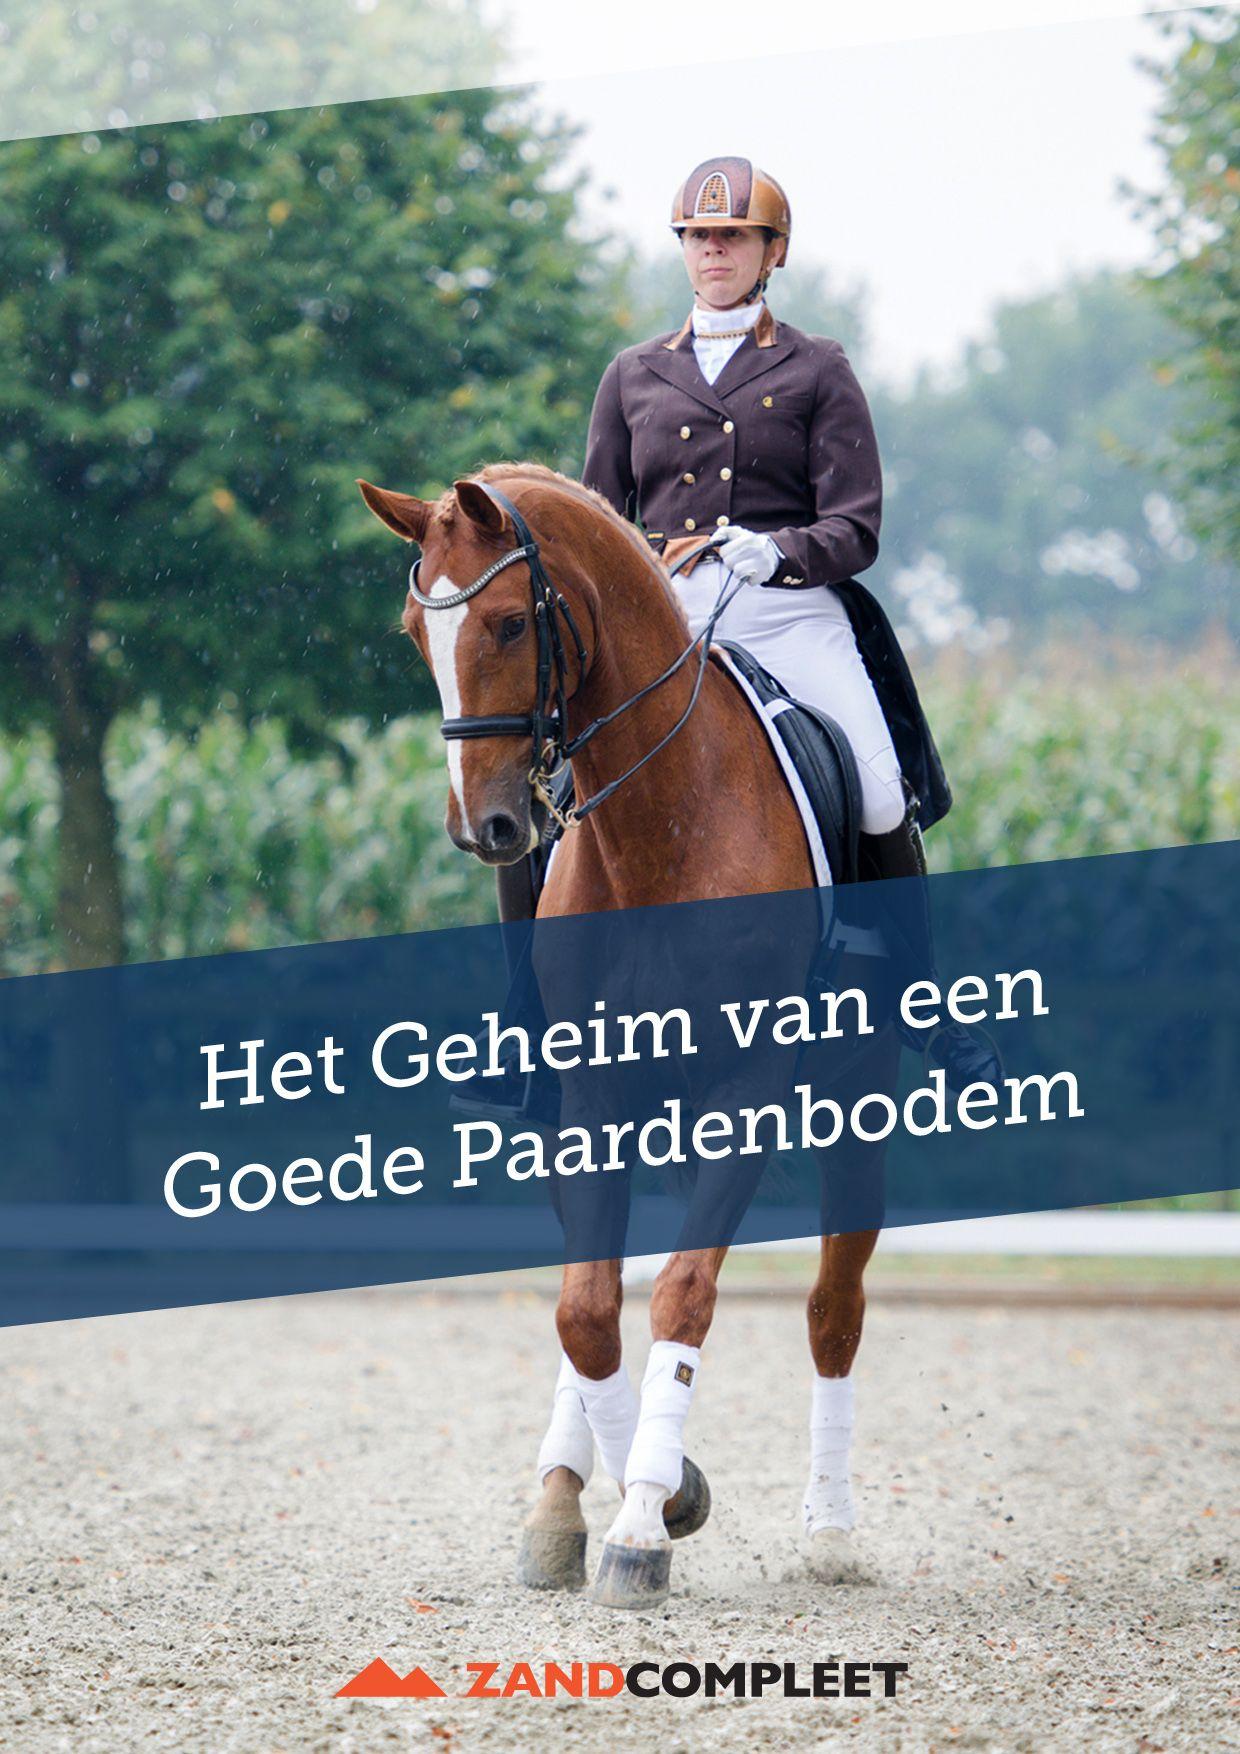 E-book, leer alles over de aanleg van een goede paardenbodem